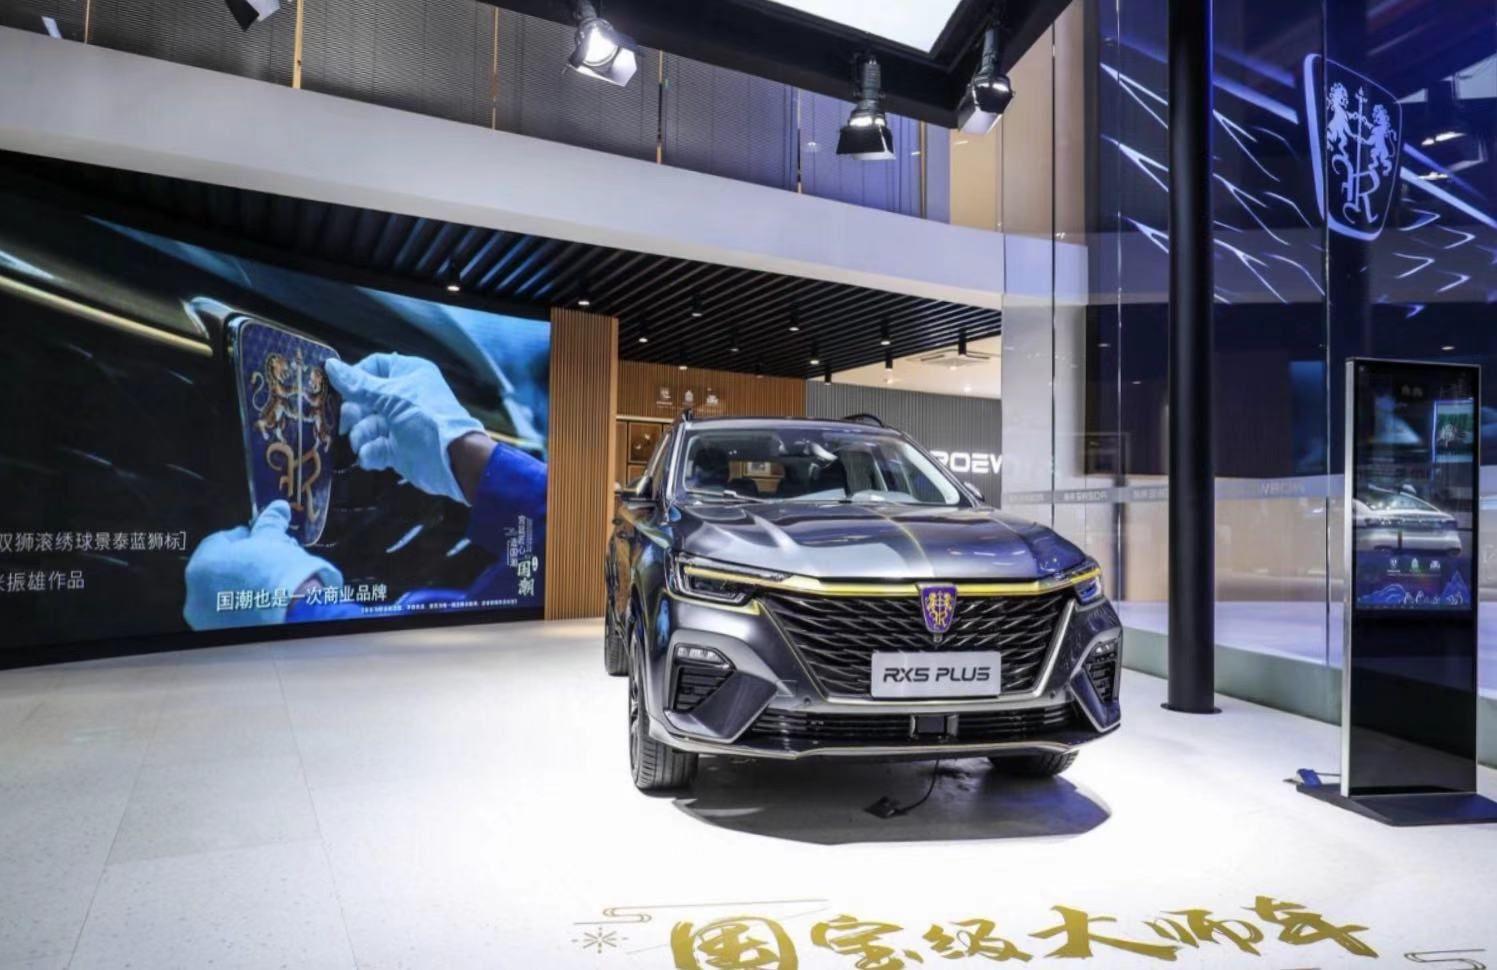 荣威RX5 MAX Supreme上市惊喜价13.78-15.78万 全力出击广州车展